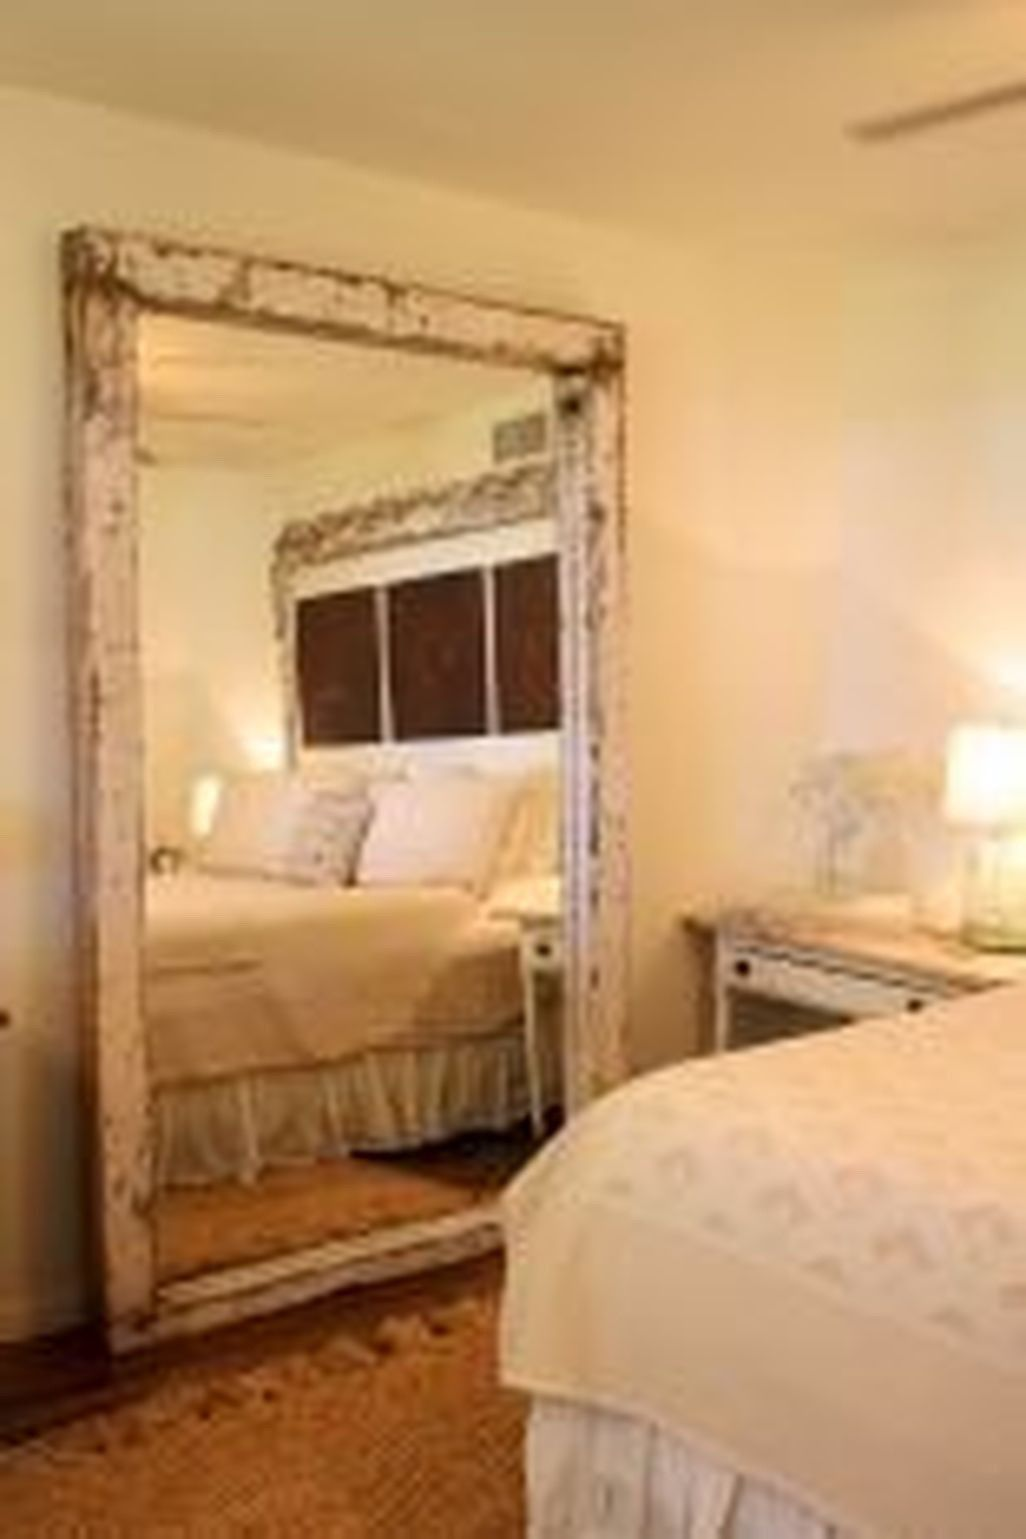 Bathroom Ideas Renovations On A Budget Rustic Bedroom Antique Decor Texas